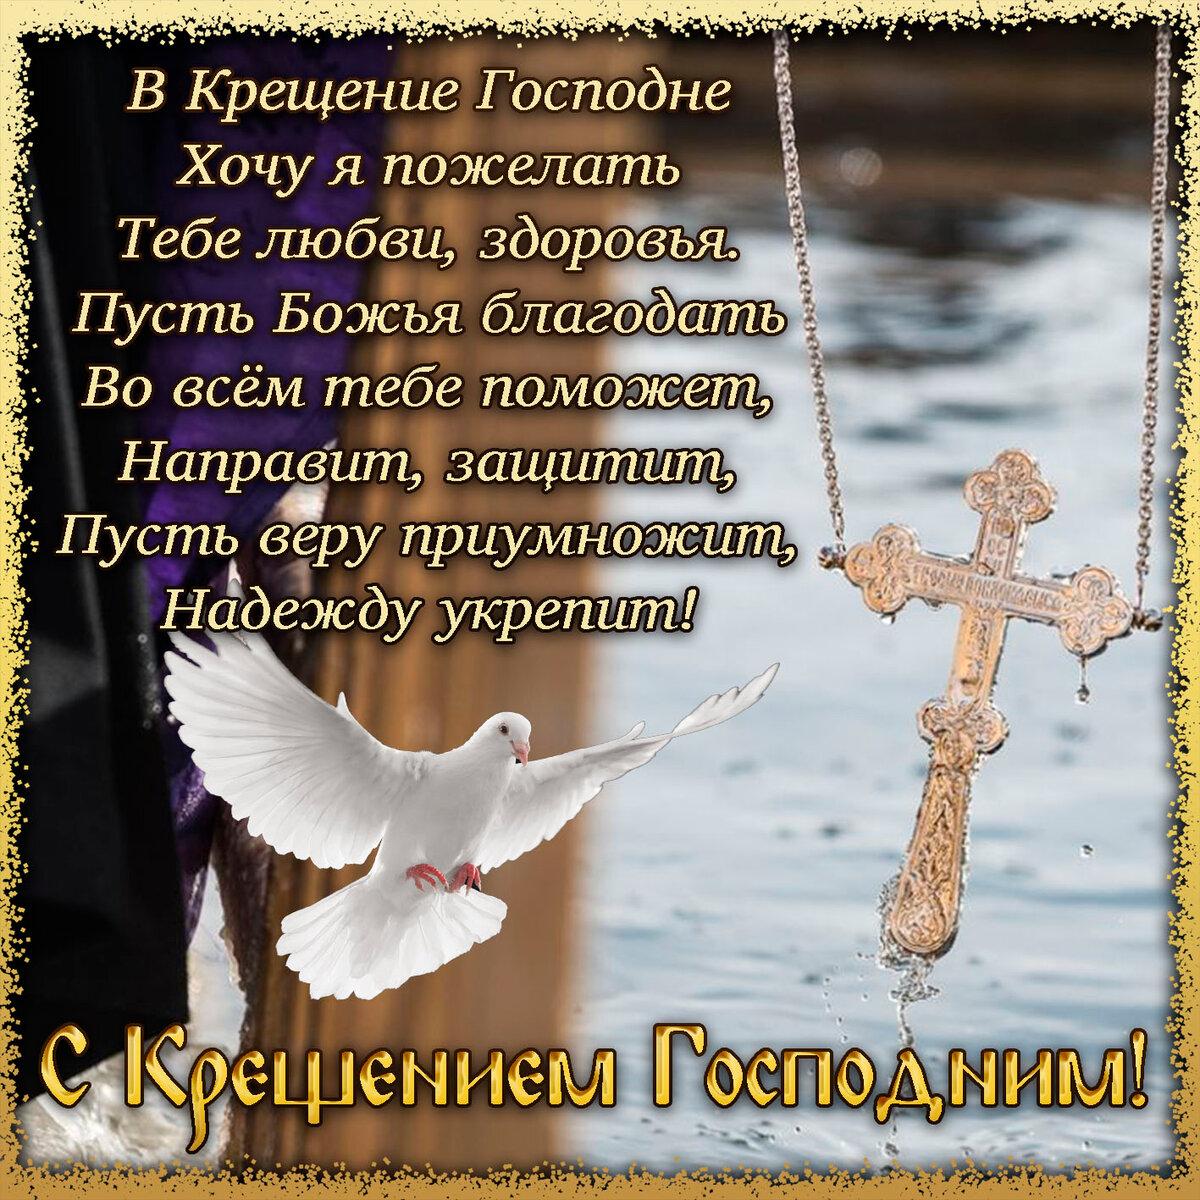 Трогательные поздравления с крещением в прозе